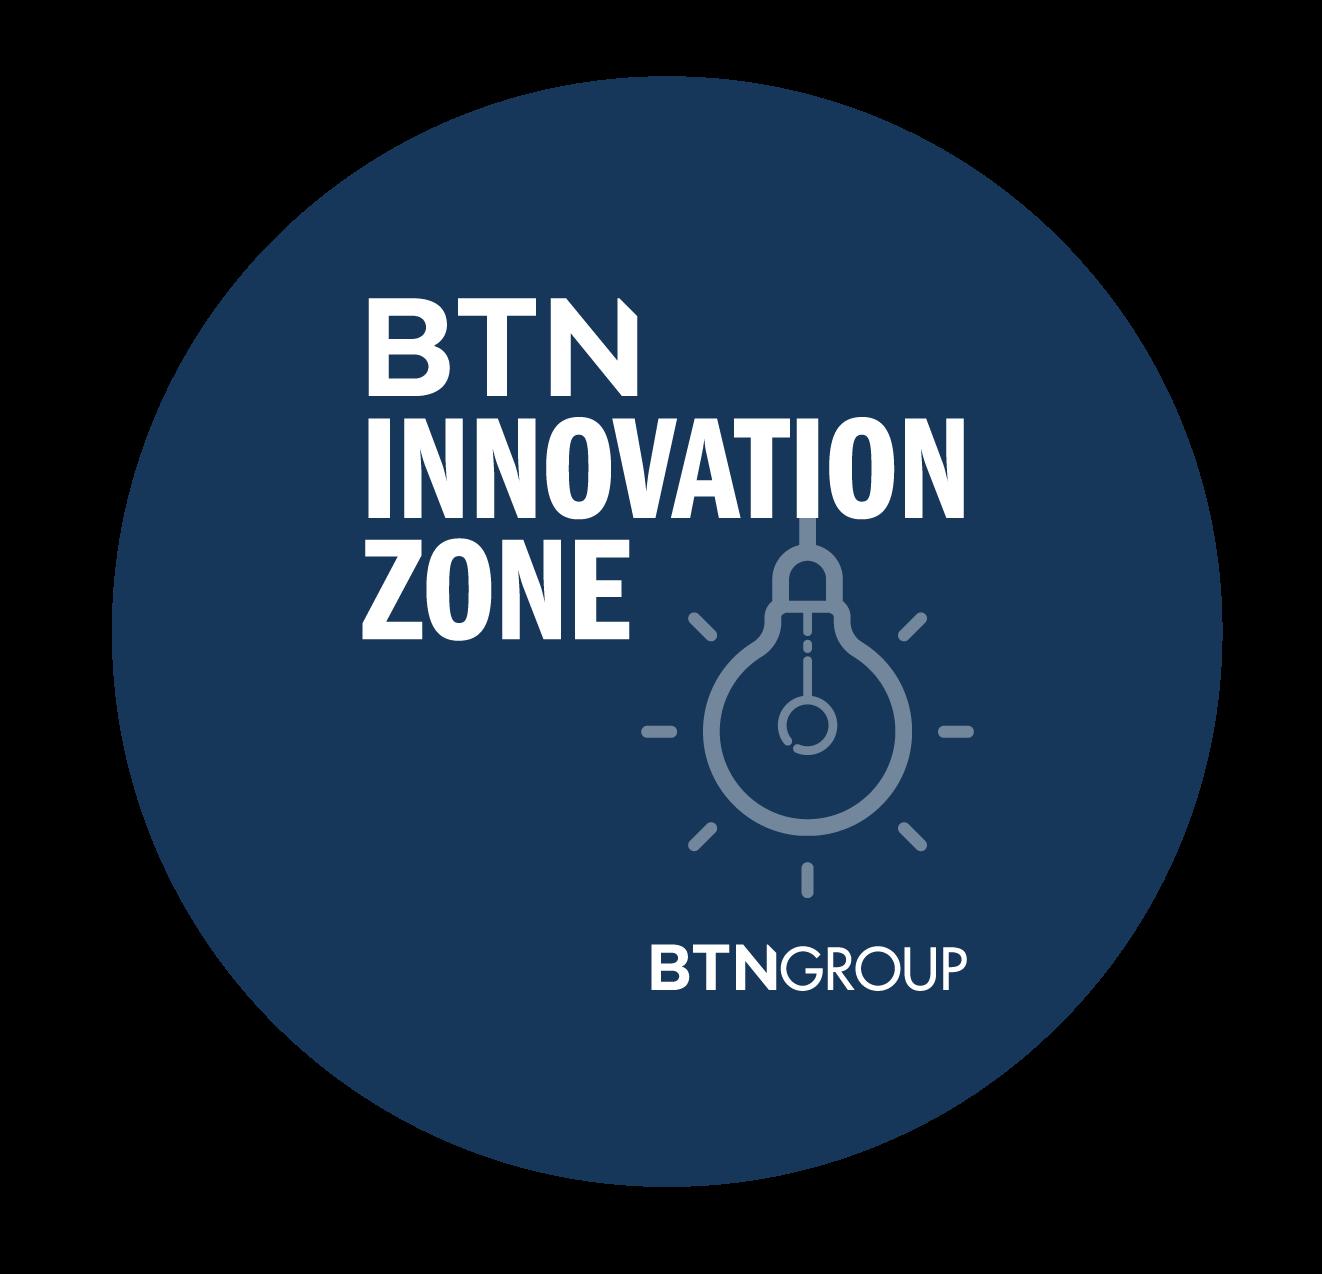 BTN Innovation Zone logo